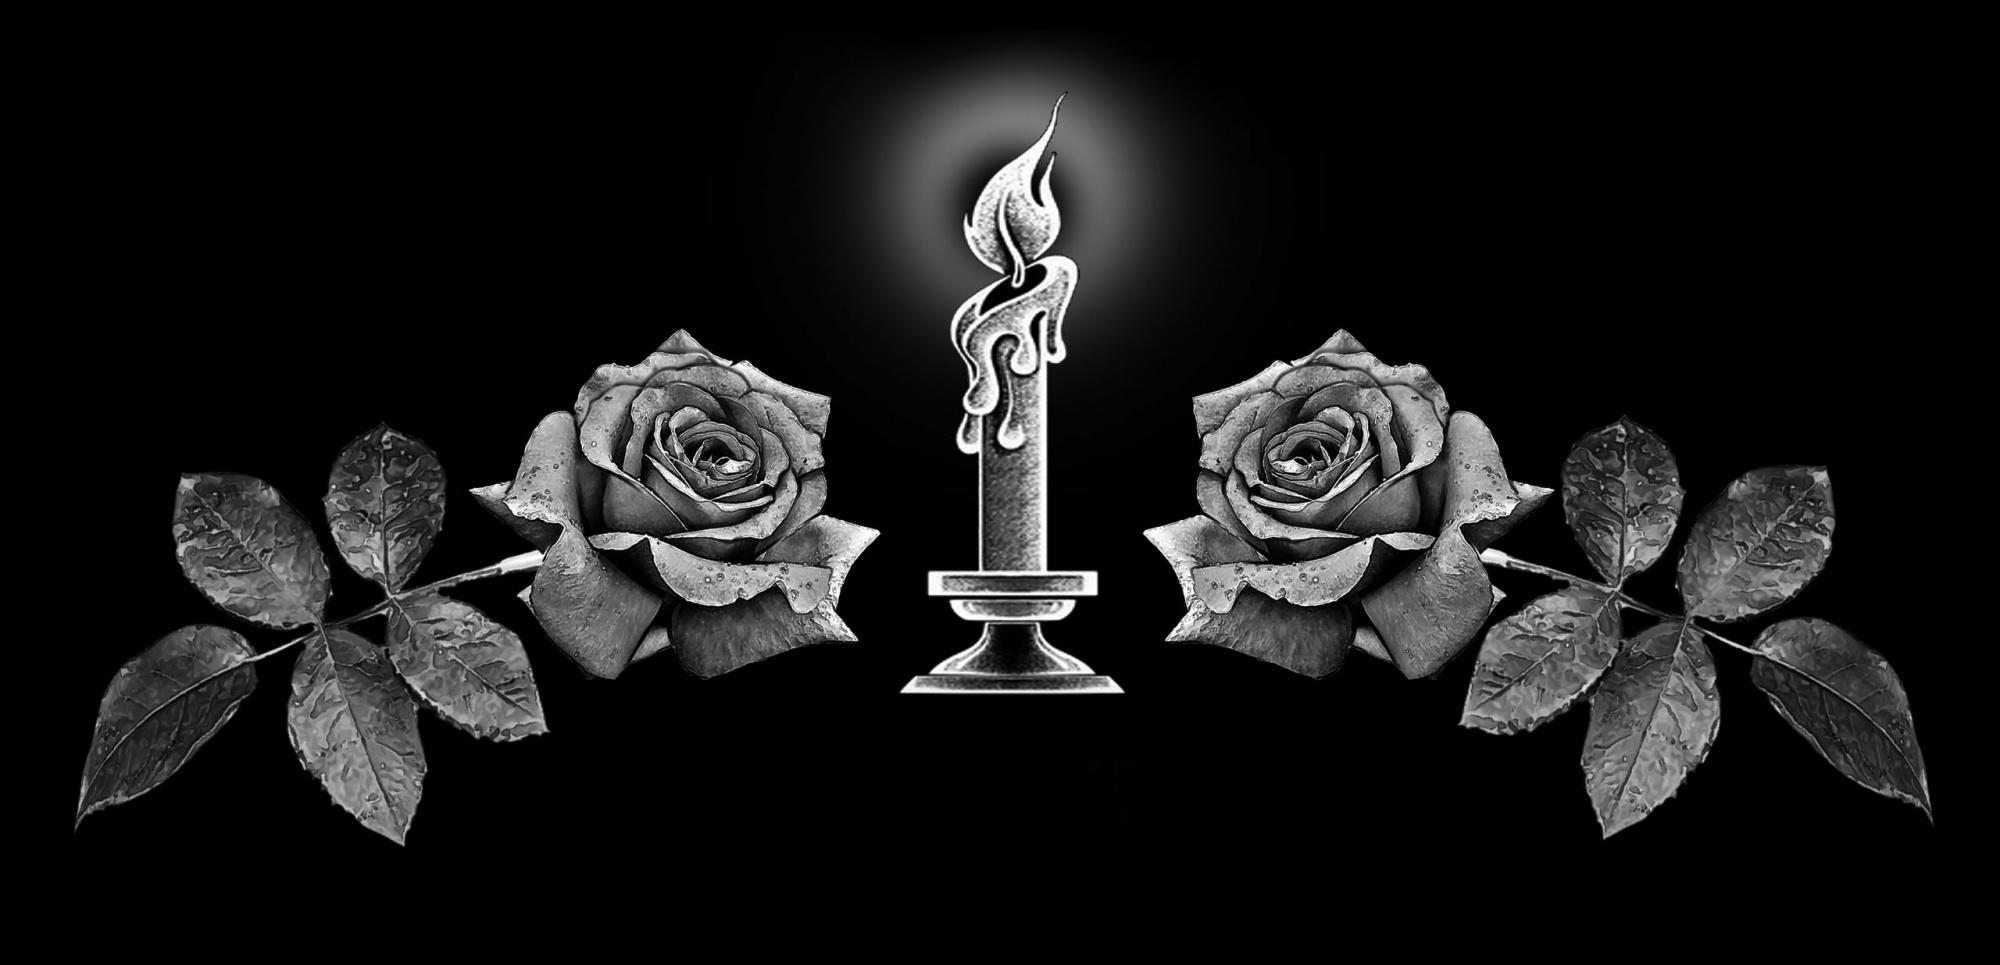 работе картинки цветов и свечей на надгробии это мексиканский